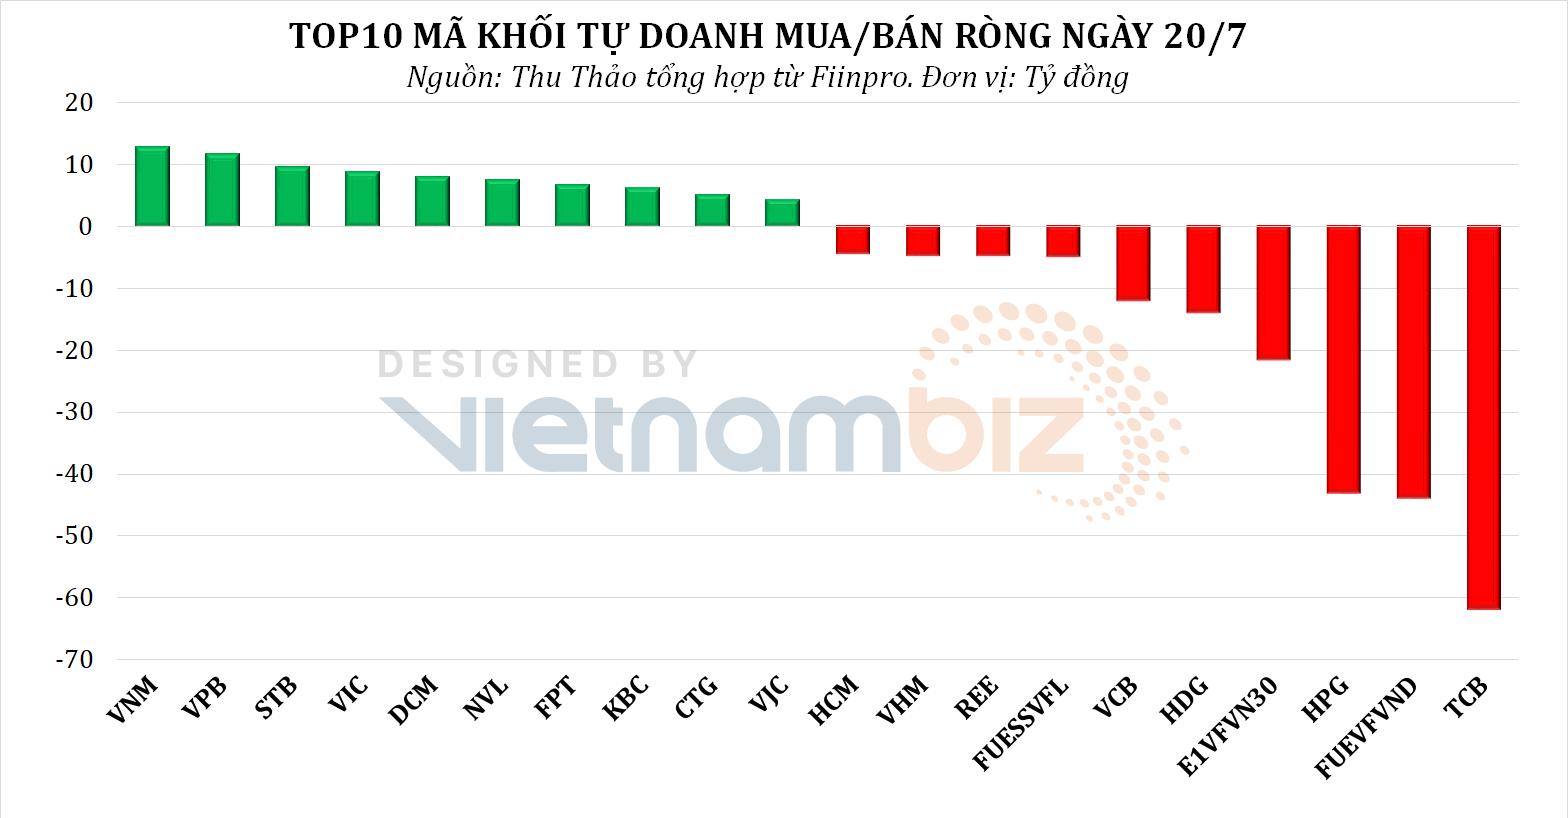 Dòng tiền thông minh 21/7: Tổ chức nội mua ròng hơn 480 tỷ đồng phiên VN-Index bật mạnh, tập trung gom cp BĐS - Ảnh 1.